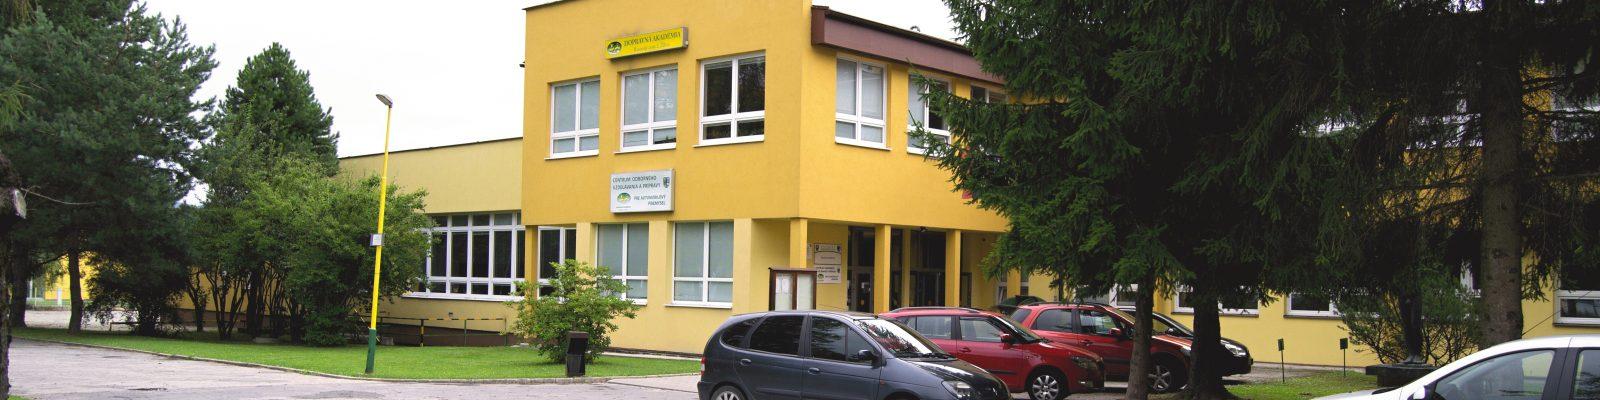 Dopravná akadémia - hlavná budova